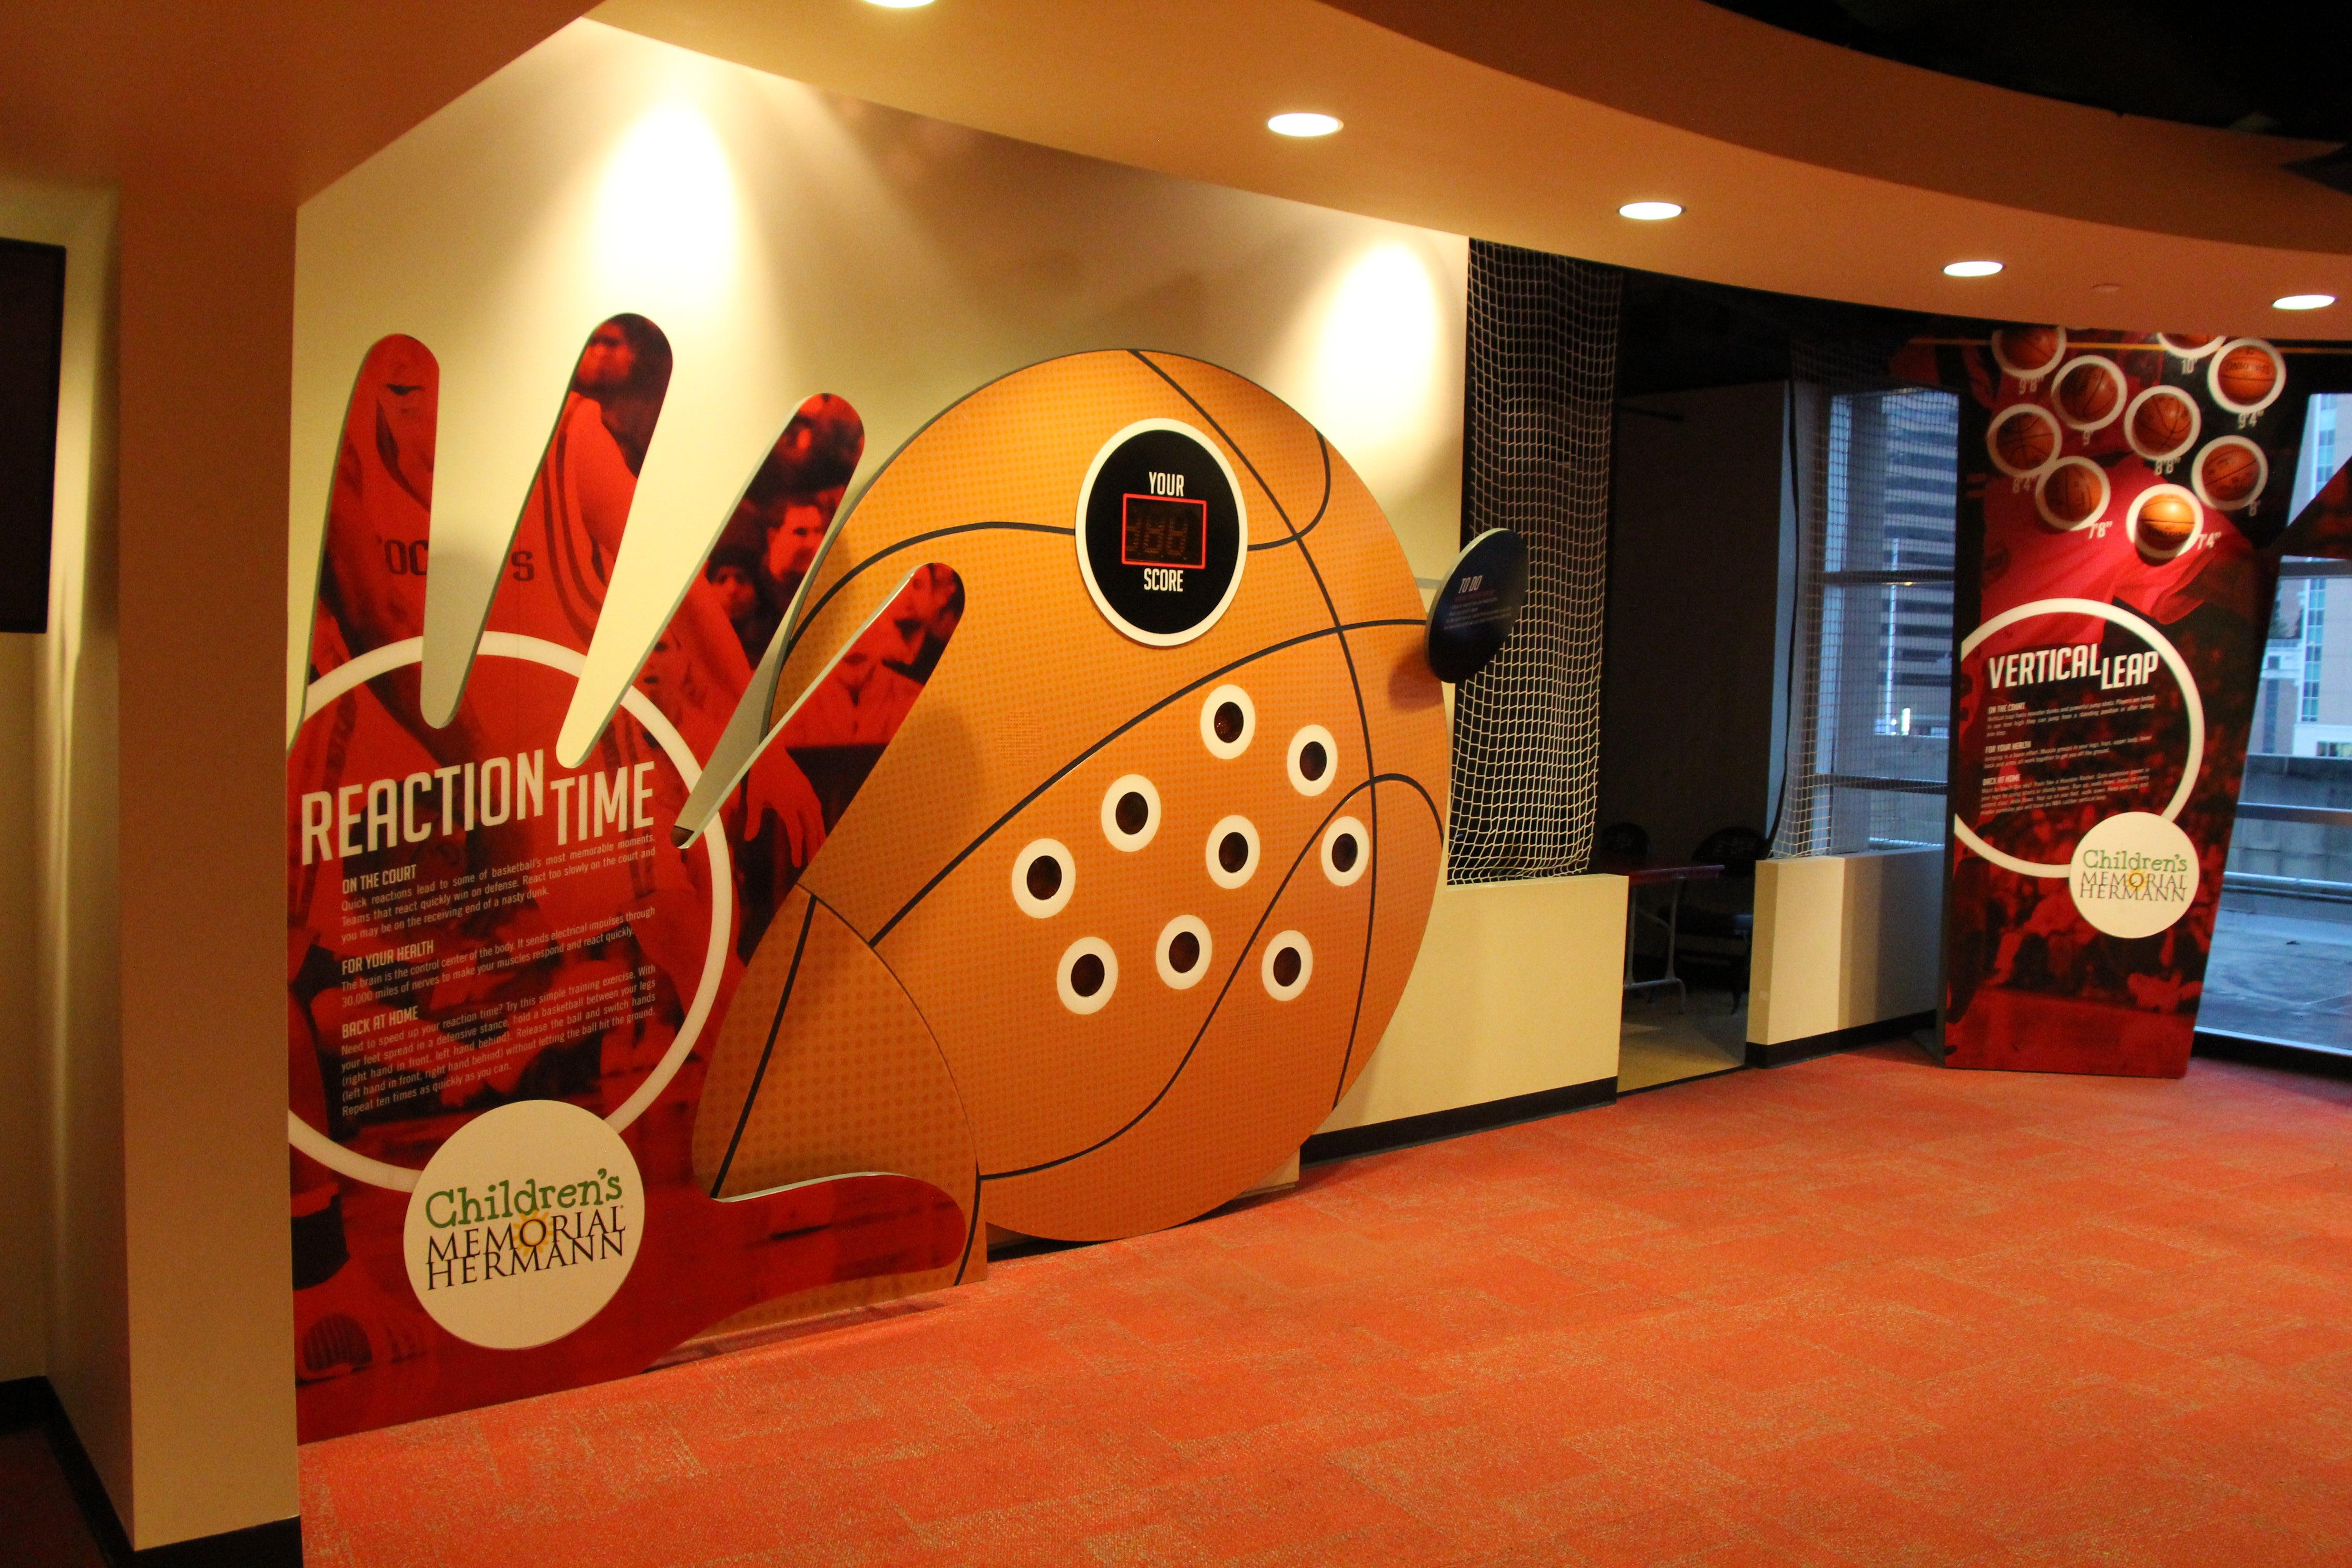 Children's Memorial Hermann Sky Court | Houston Toyota Center